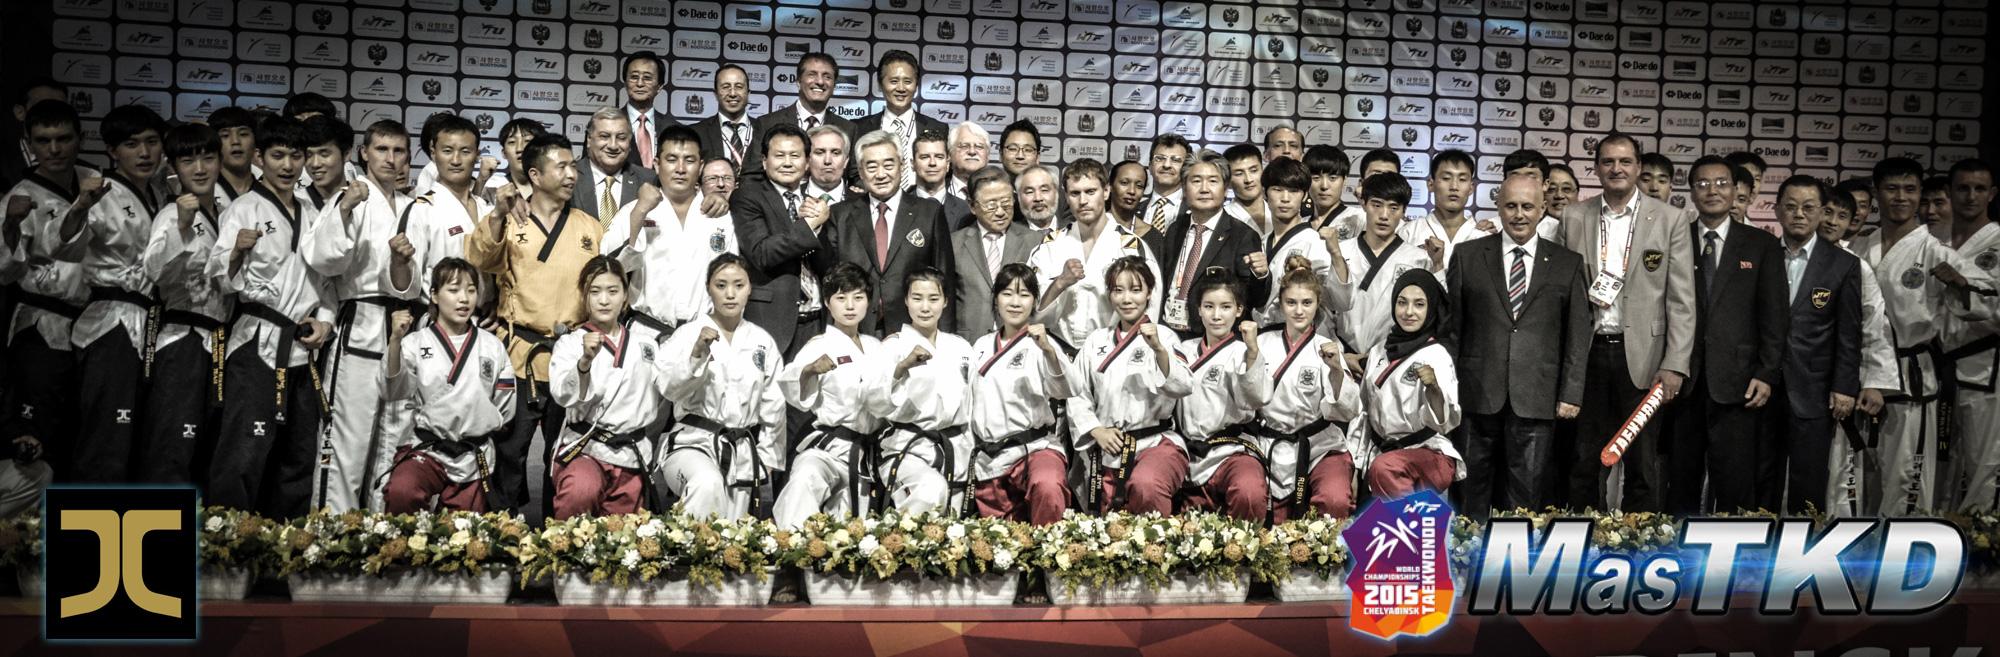 14_20150512_Taekwondo-Mundial_JC-Seleccion_D1